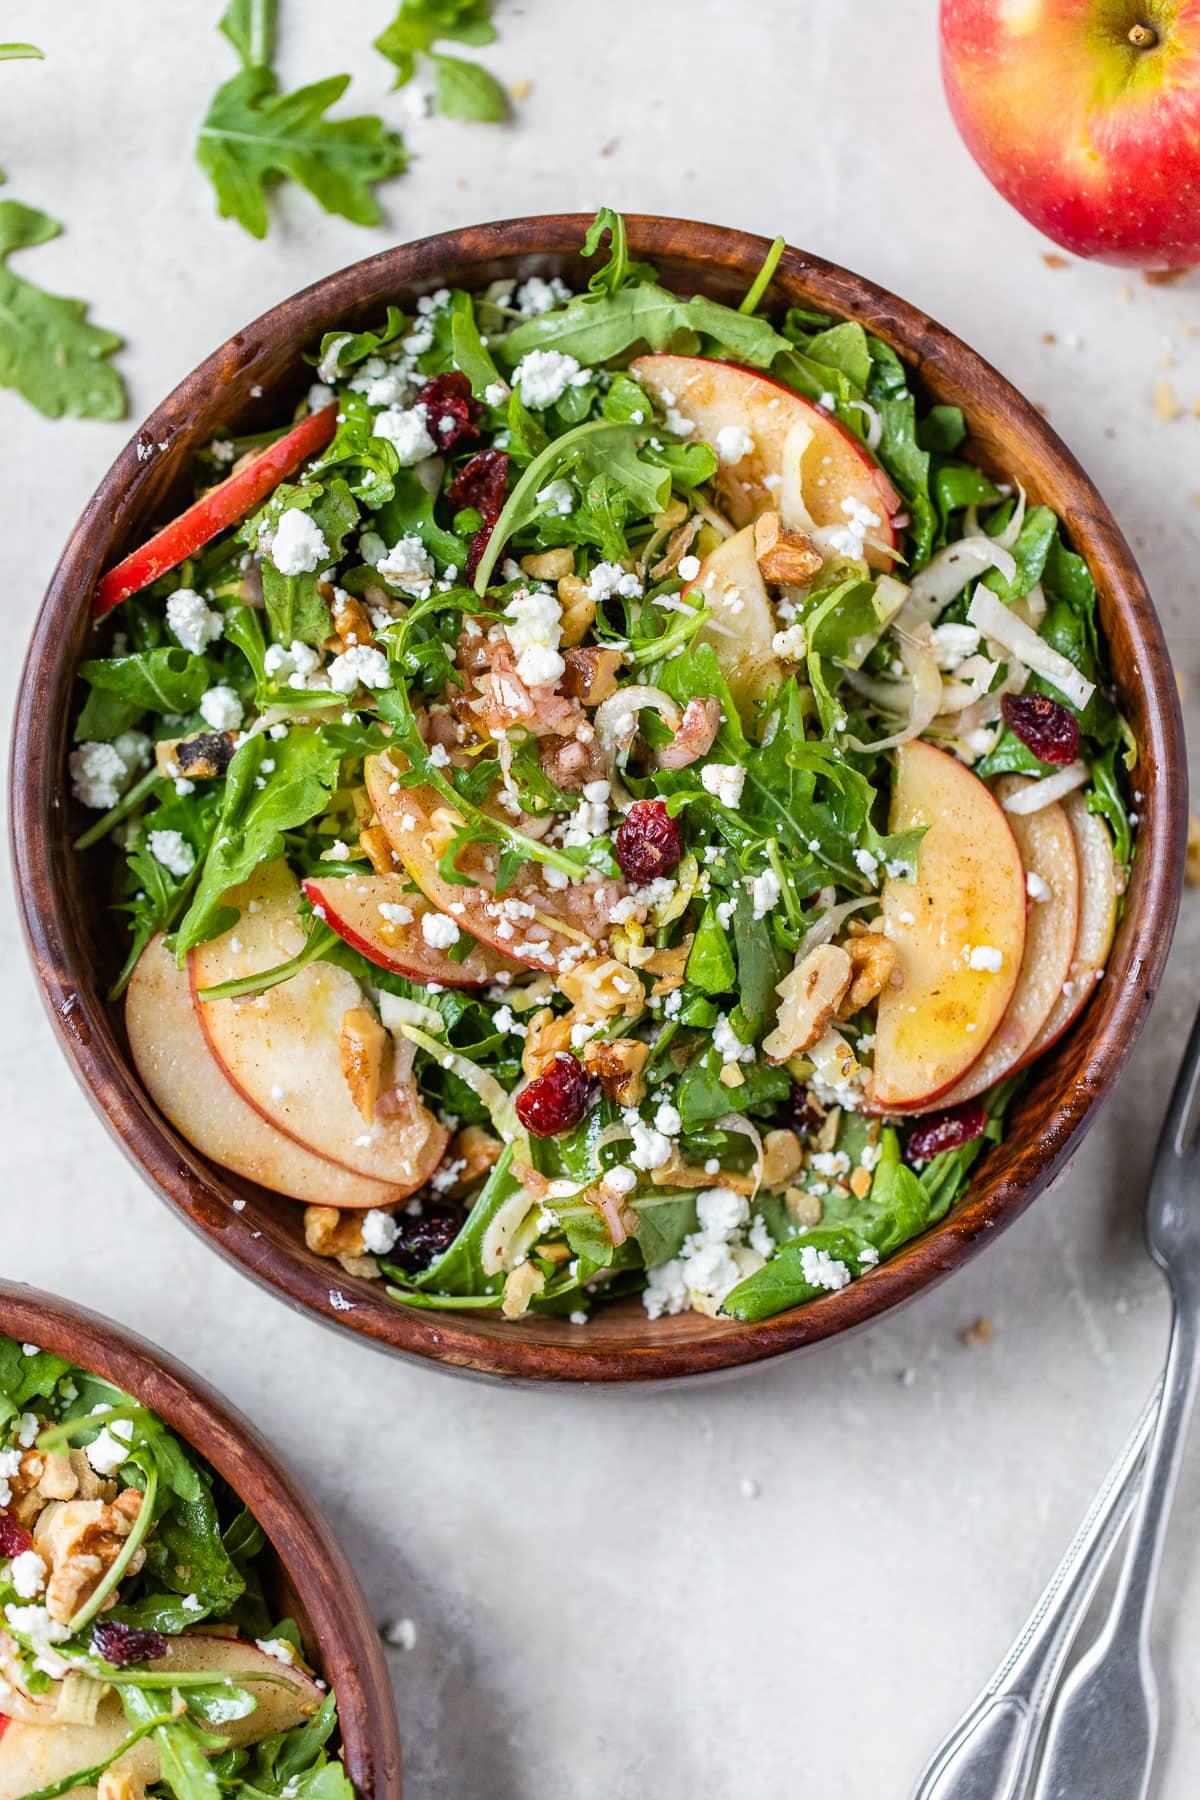 A bowl of apple walnut salad